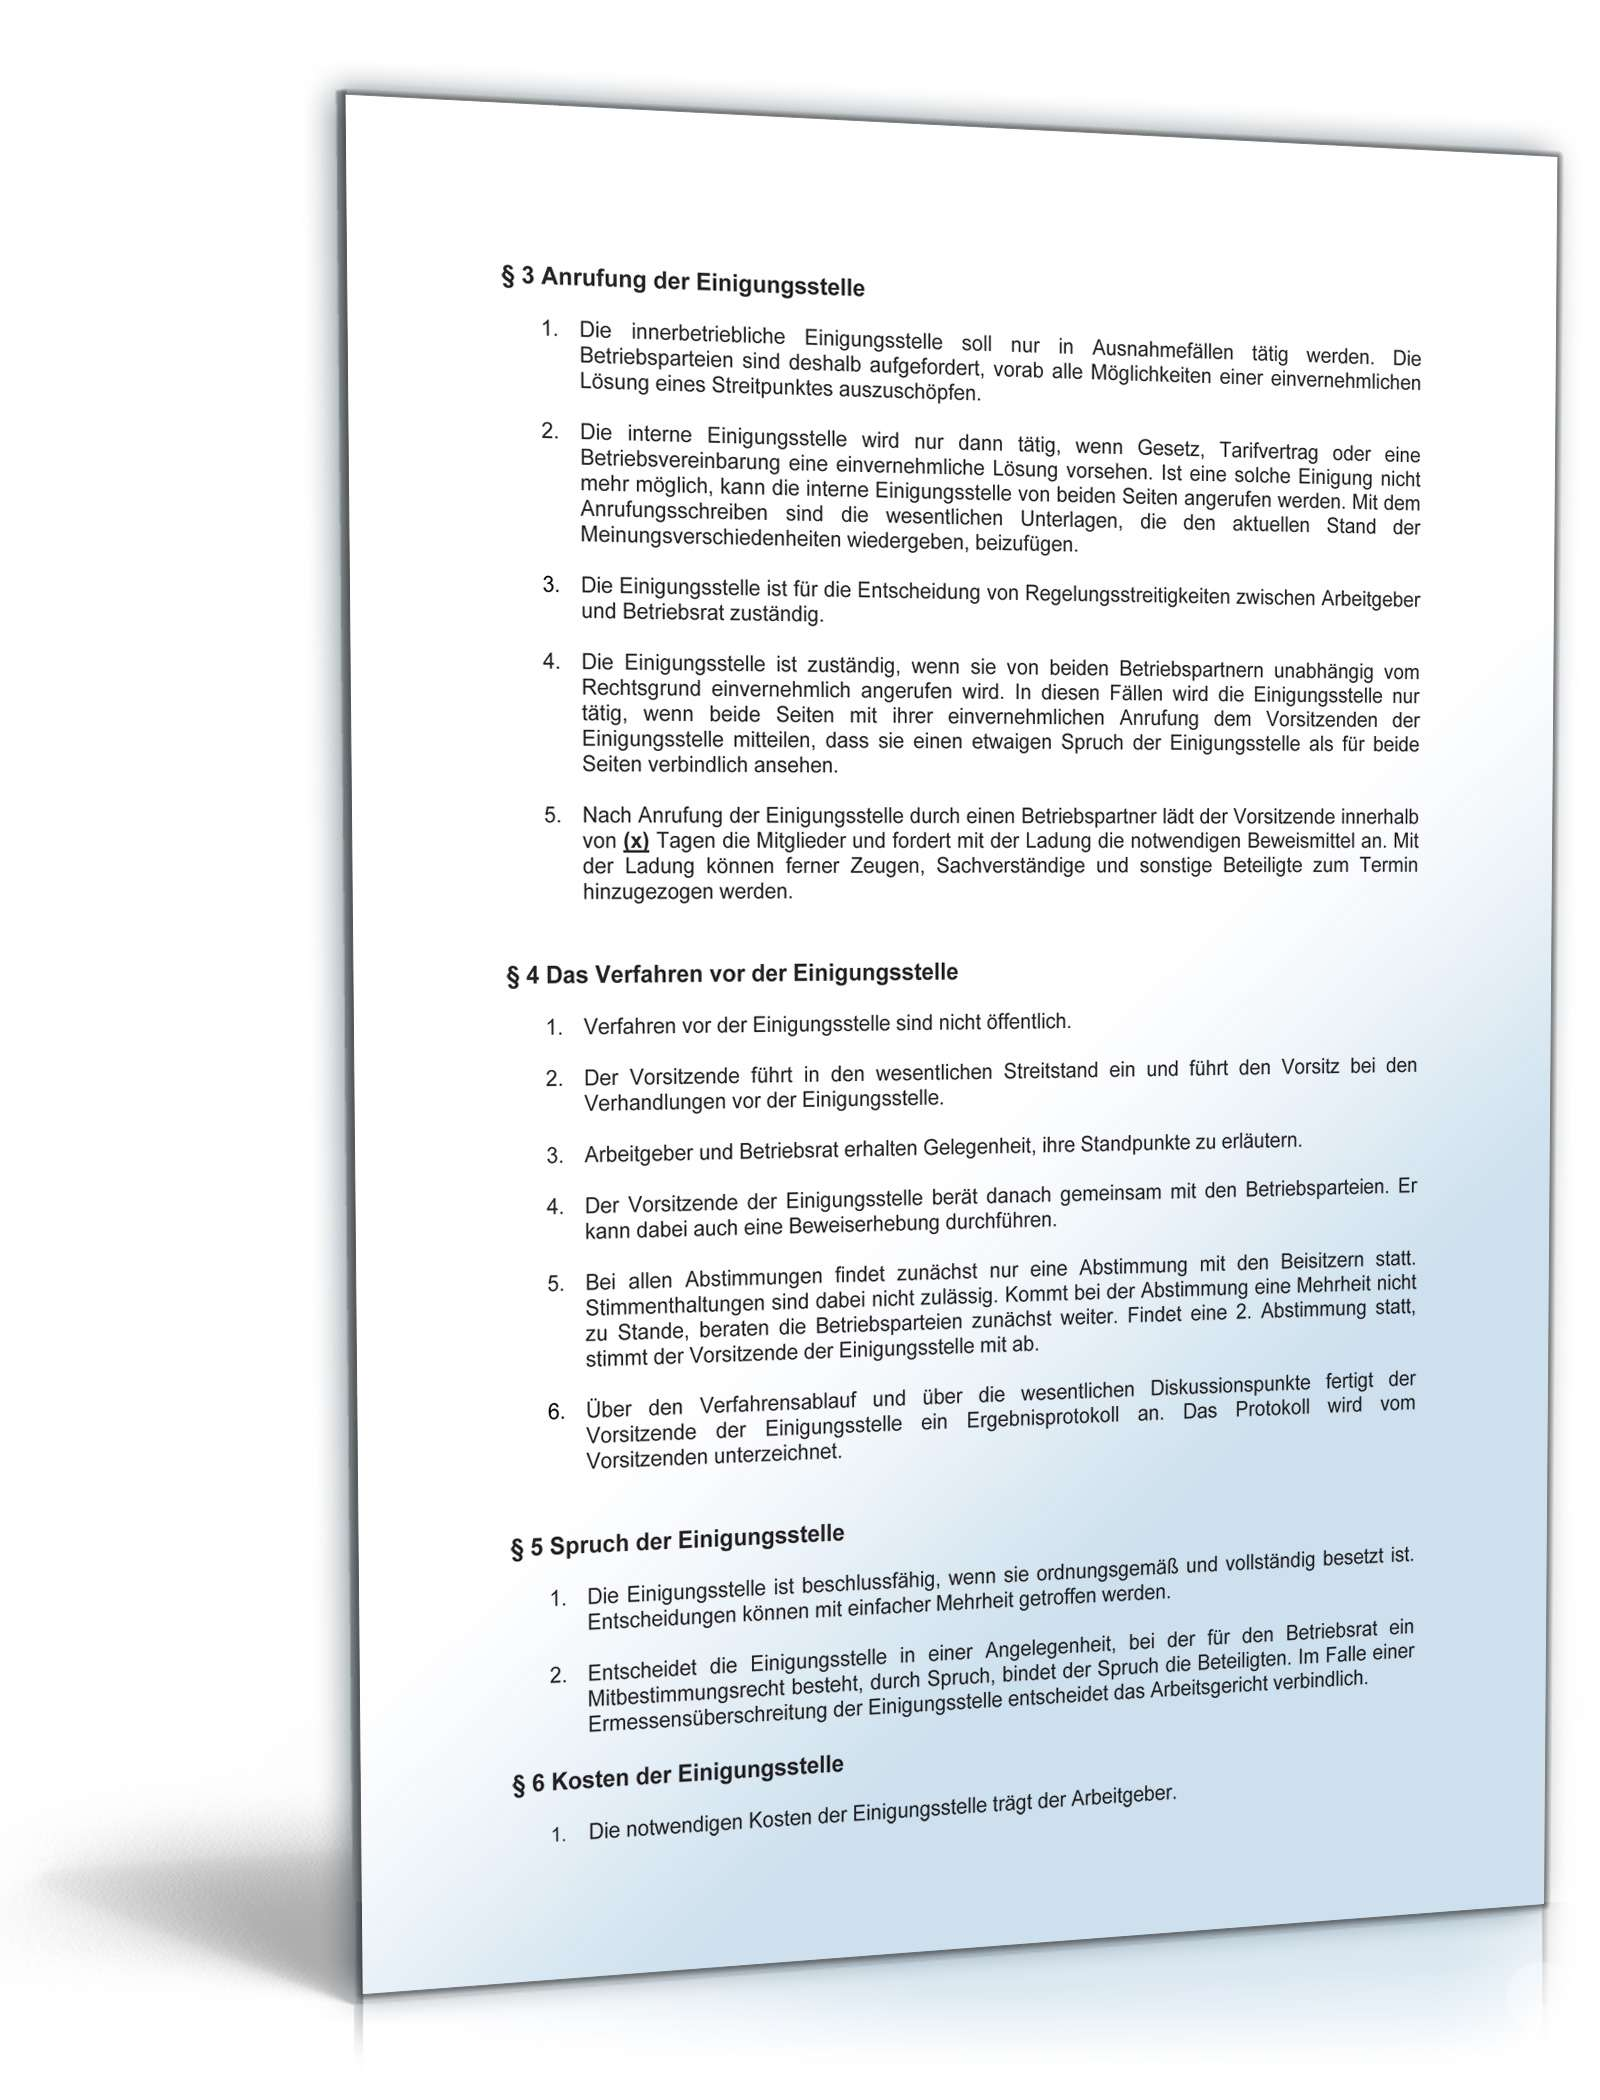 Betriebsvereinbarung Einigungsstelle